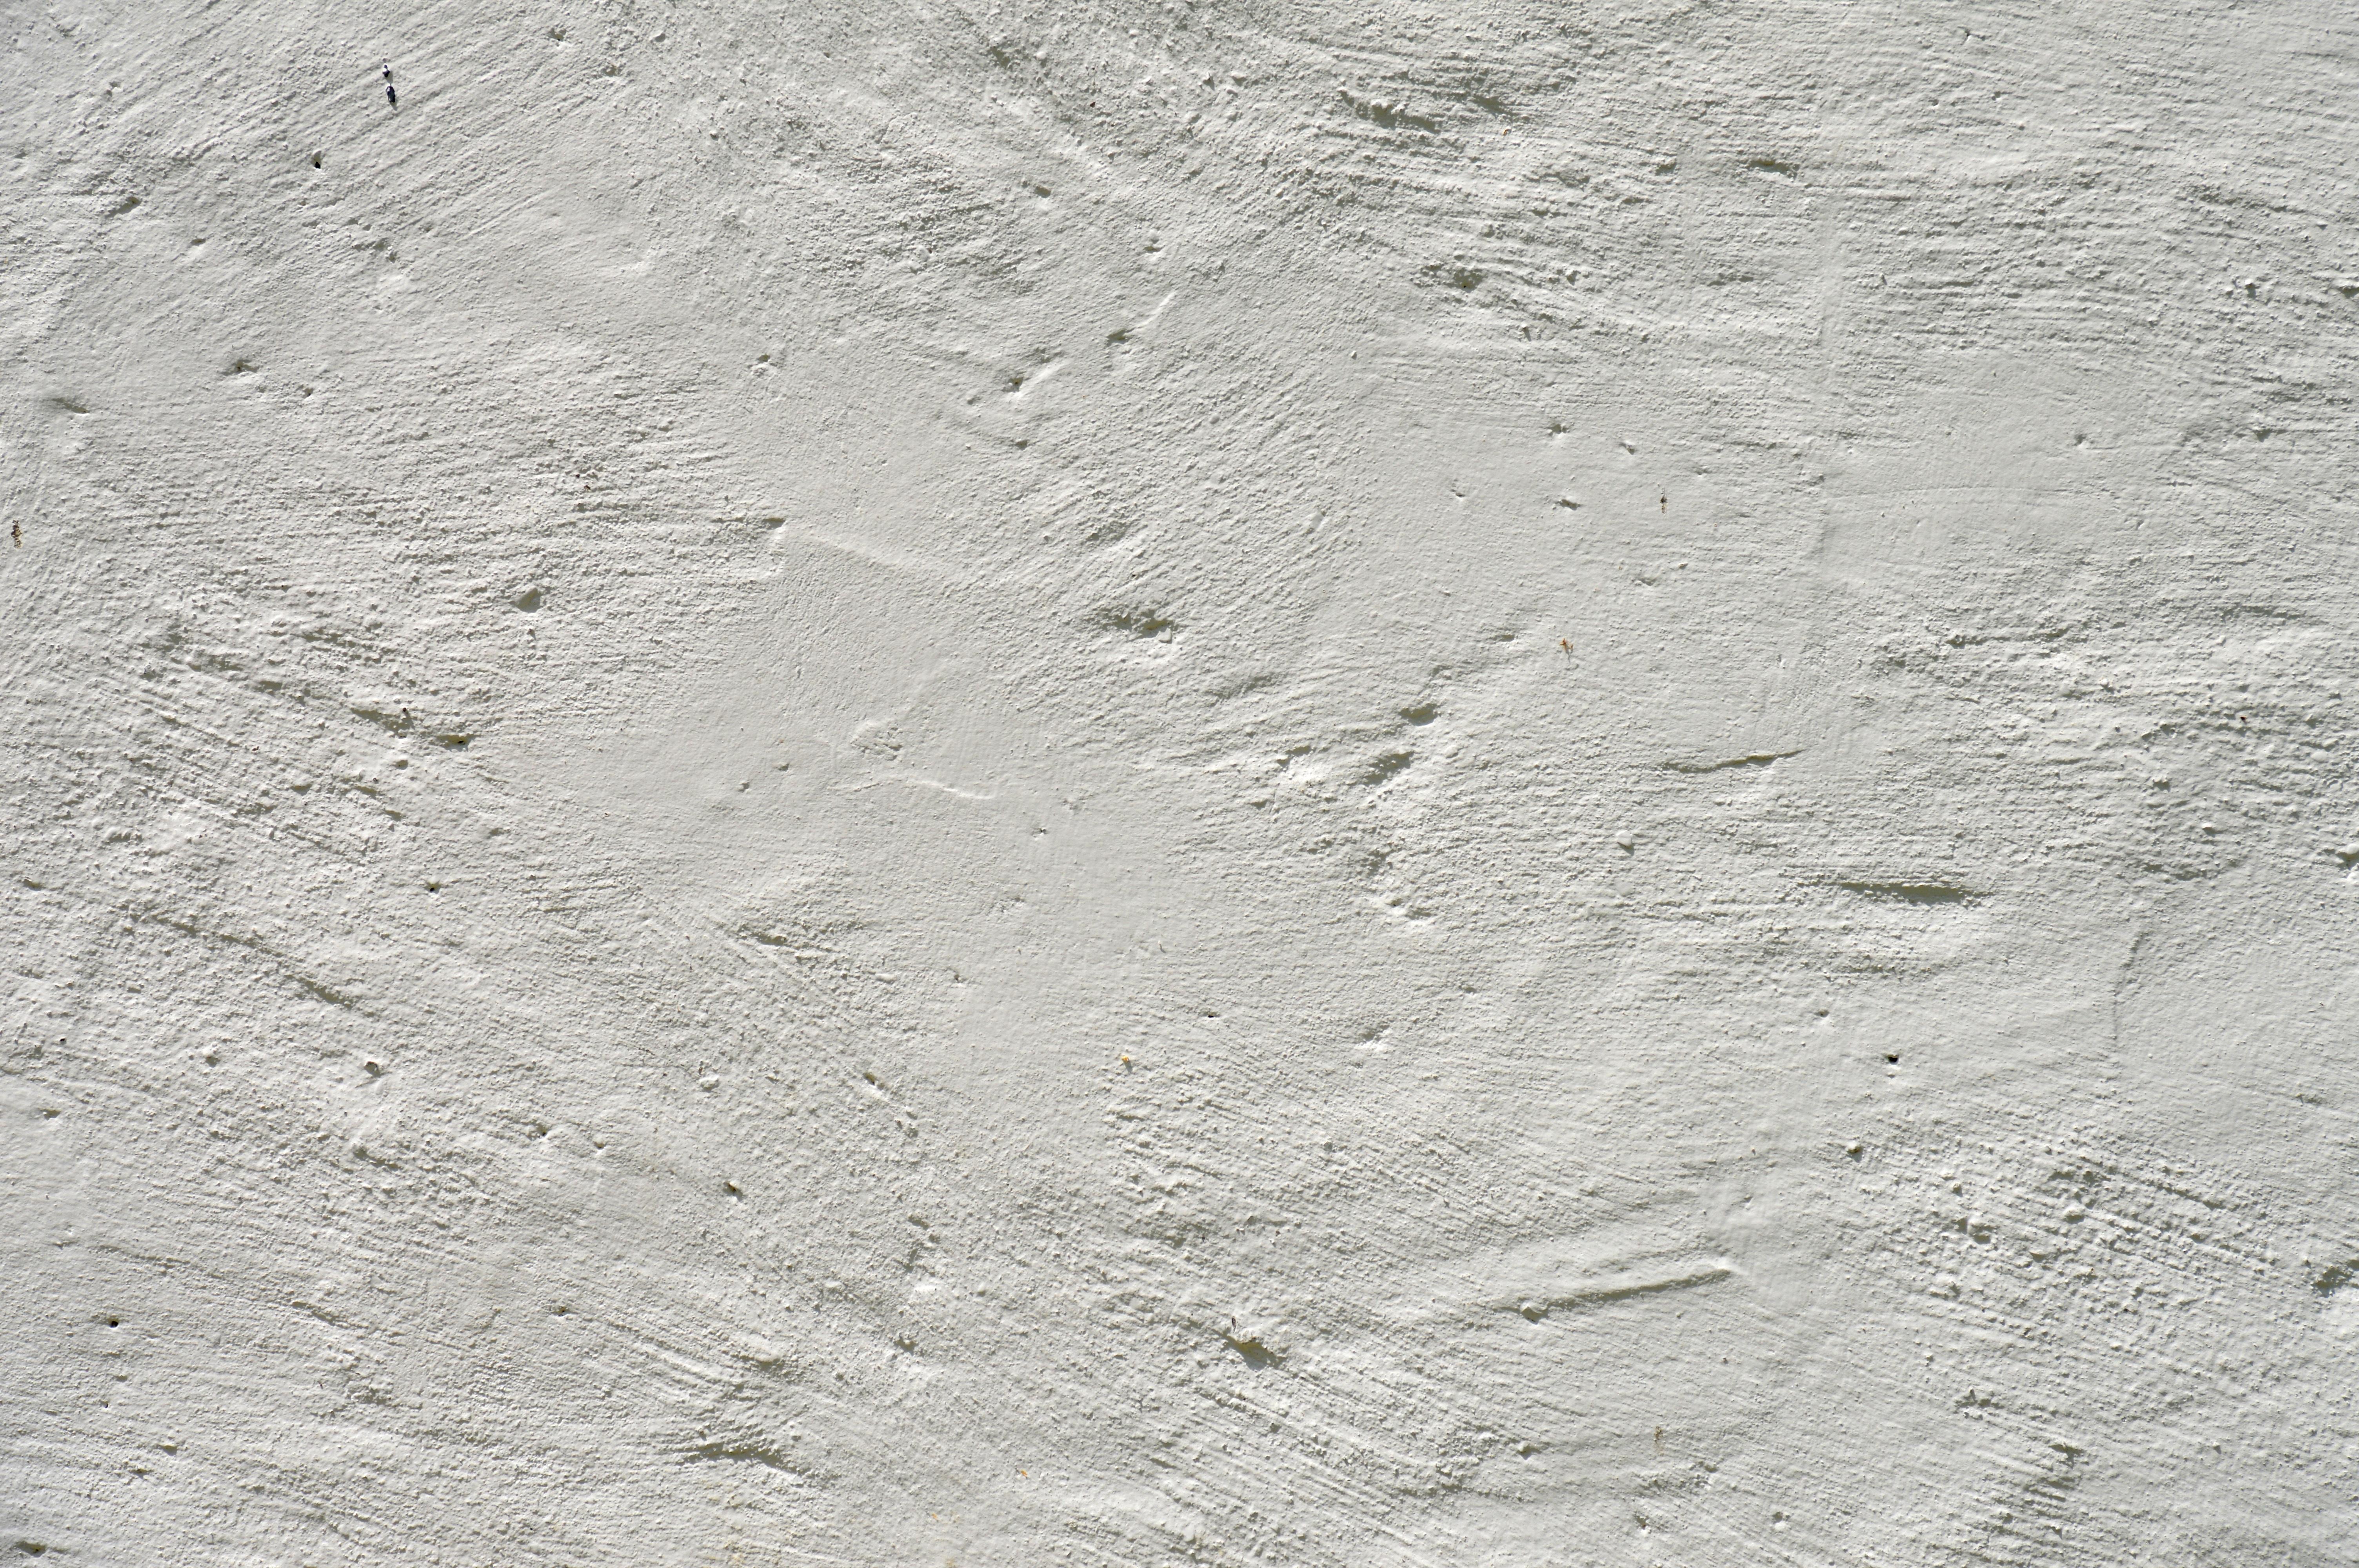 Banco de imagens areia estrutura madeira branco for Crepis interieur